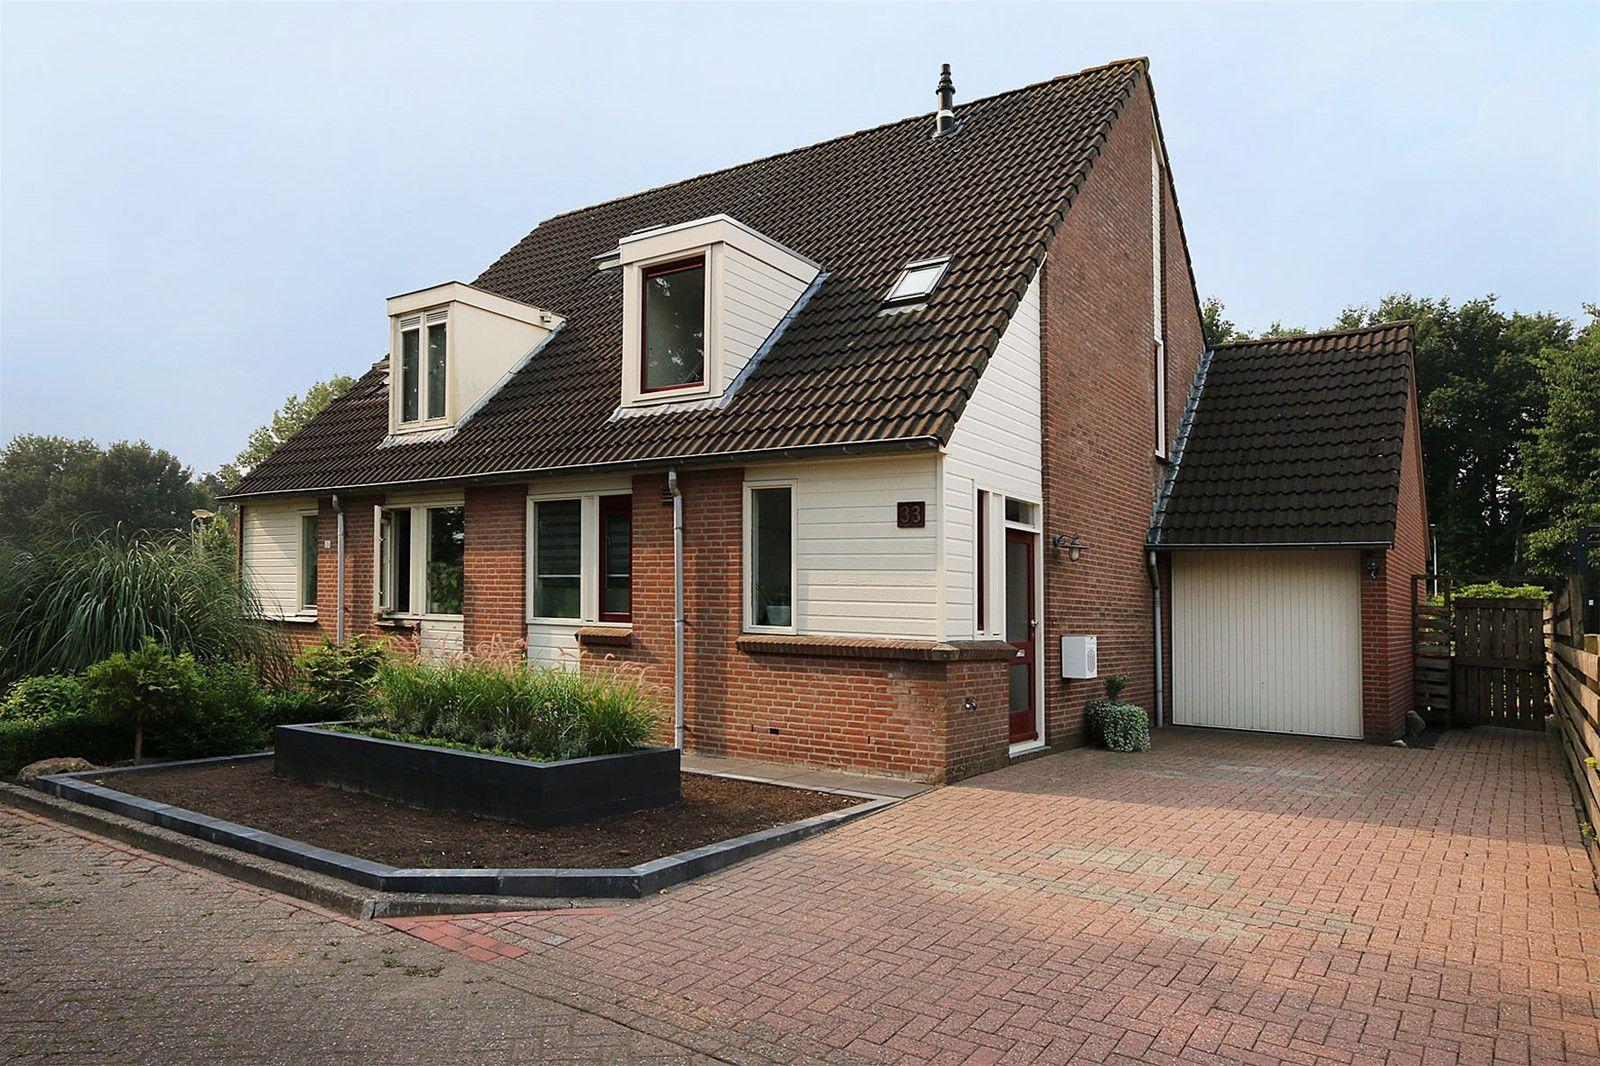 Riegheide 33, Bovensmilde